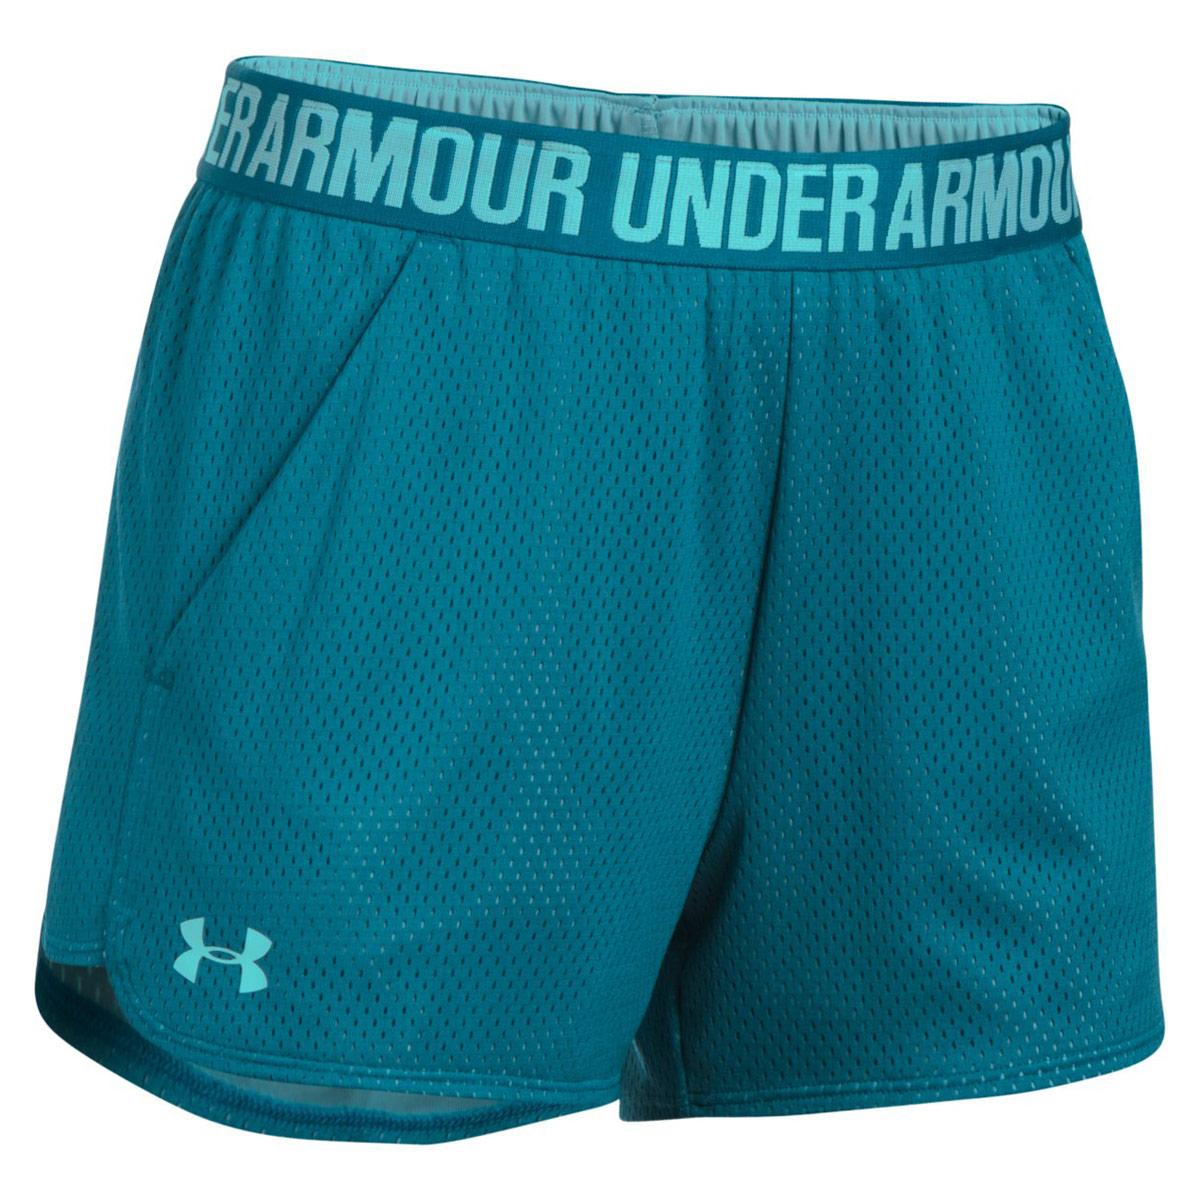 a7ac50506e87 Under Armour Play Up Short 2.0 Mesh - Pantalons fitness pour Femme - Bleu    21RUN